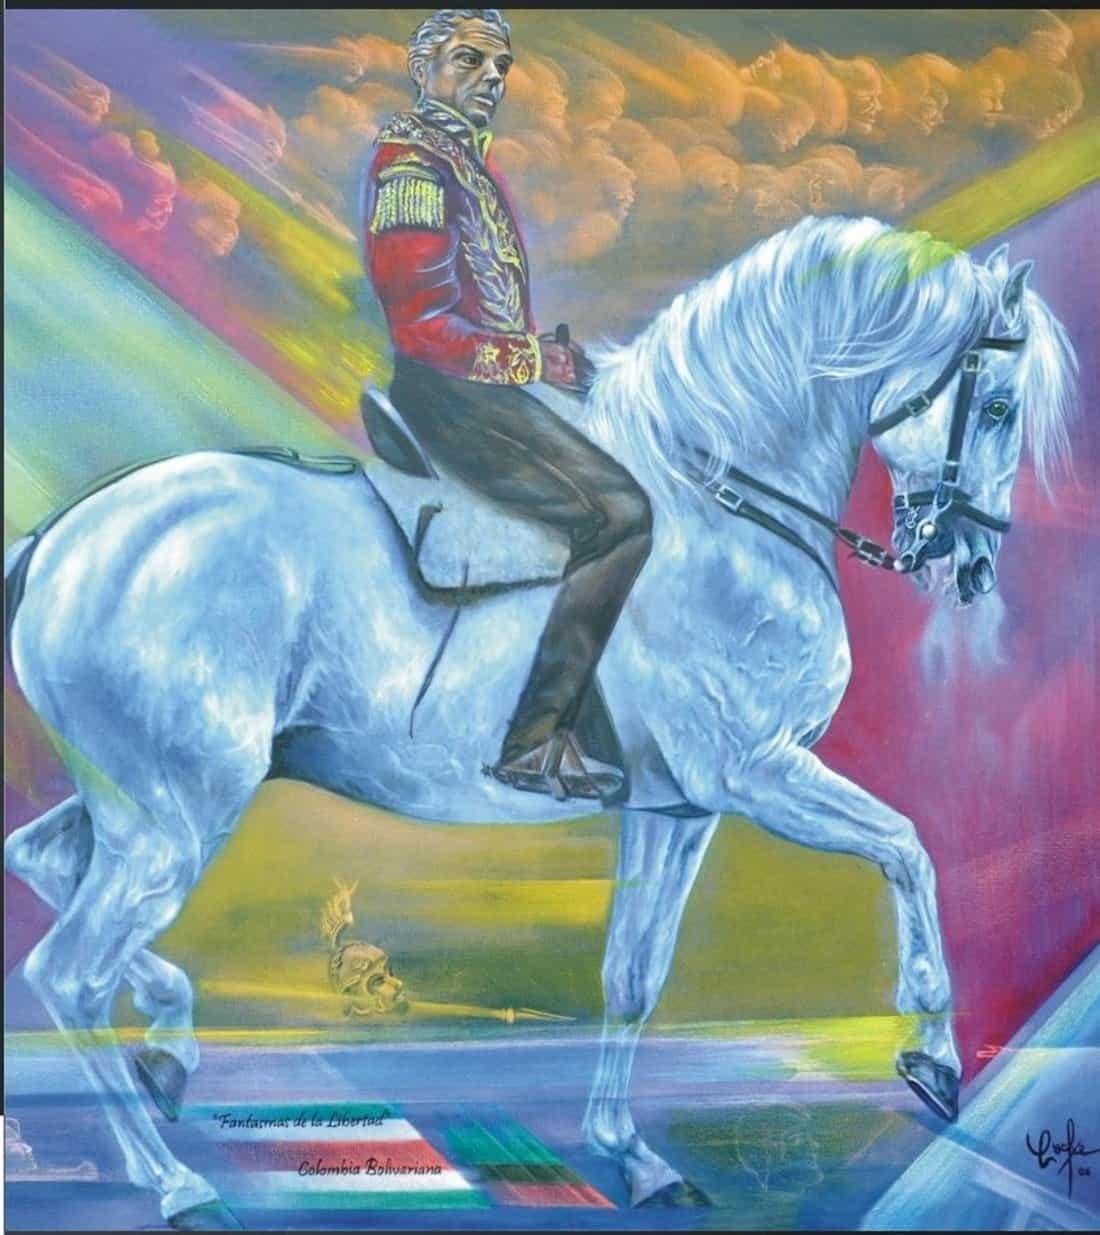 Pintura en homenaje al libertador Simón Bolívar en su caballo Palomo. Obra del maestro boyacense Jorge Armando Gómez Orozco, 'Cocke'. Foto: archivo particular